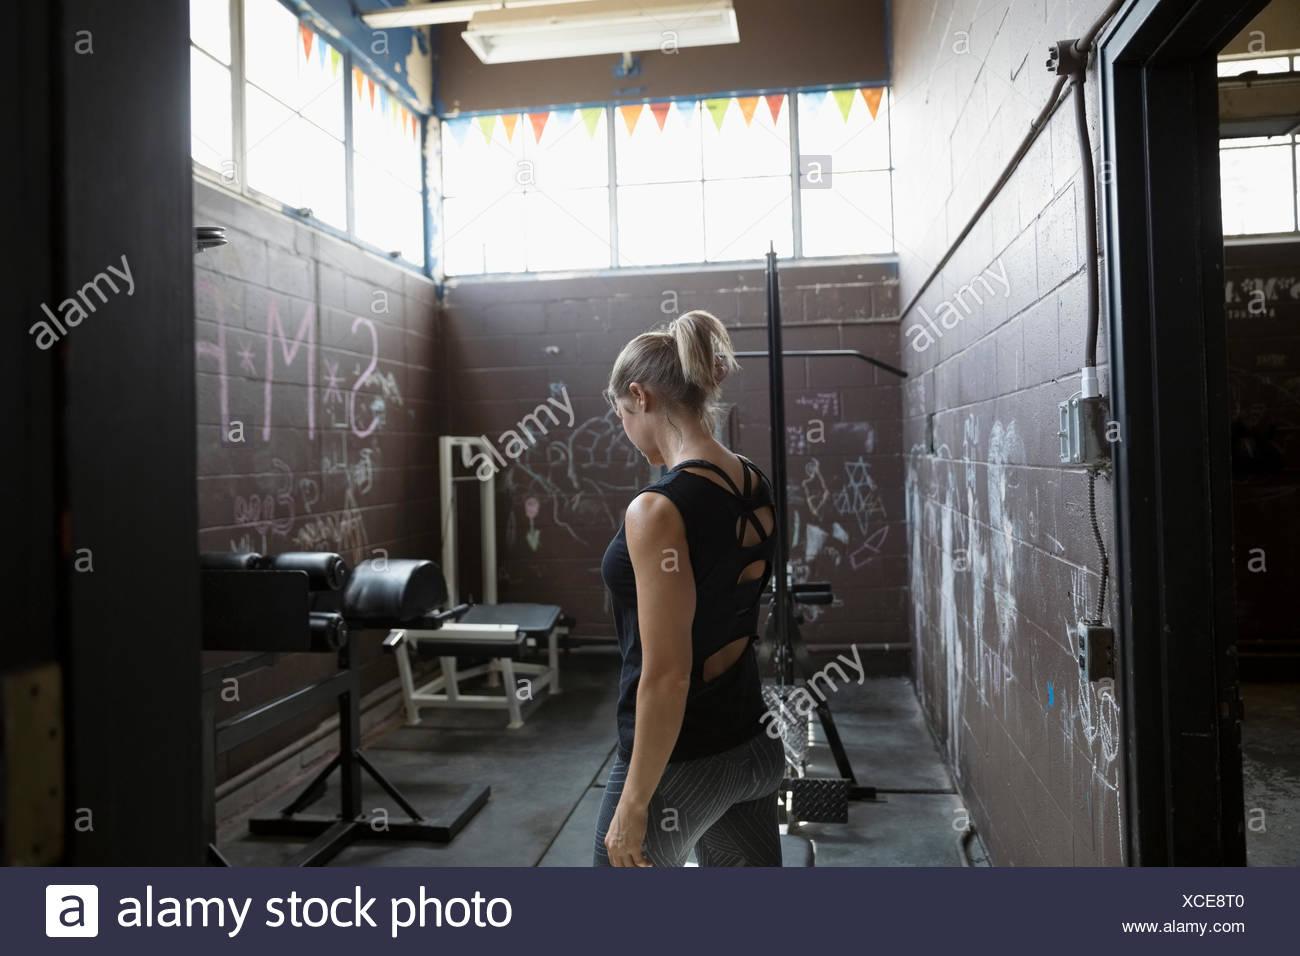 Colocar mujer halterofilia en pétreas gimnasio Imagen De Stock